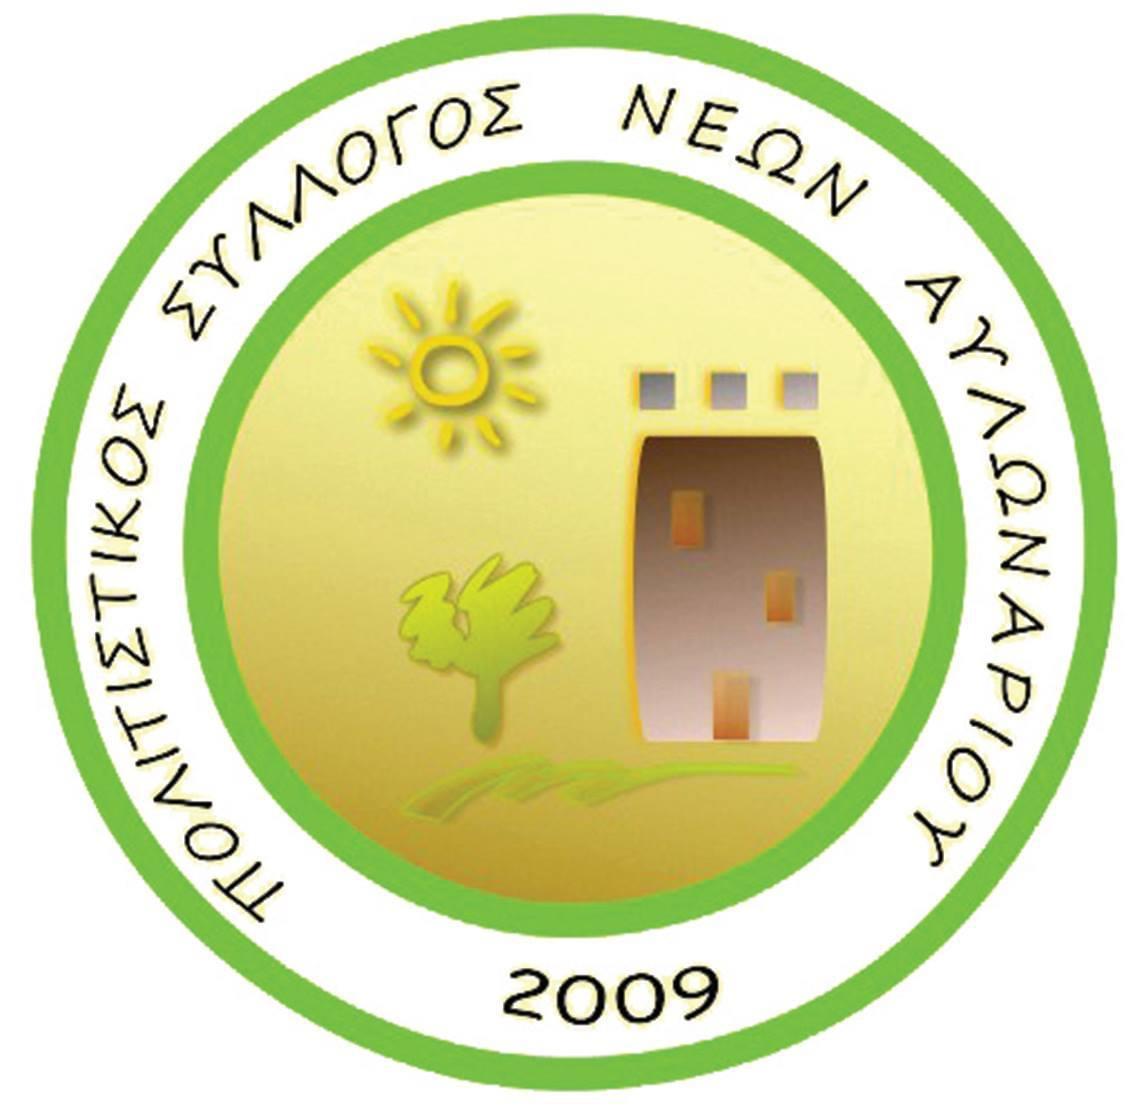 Γενική συνέλευση του Πολιτιστικού Συλλόγου Νέων Αυλωναρίου